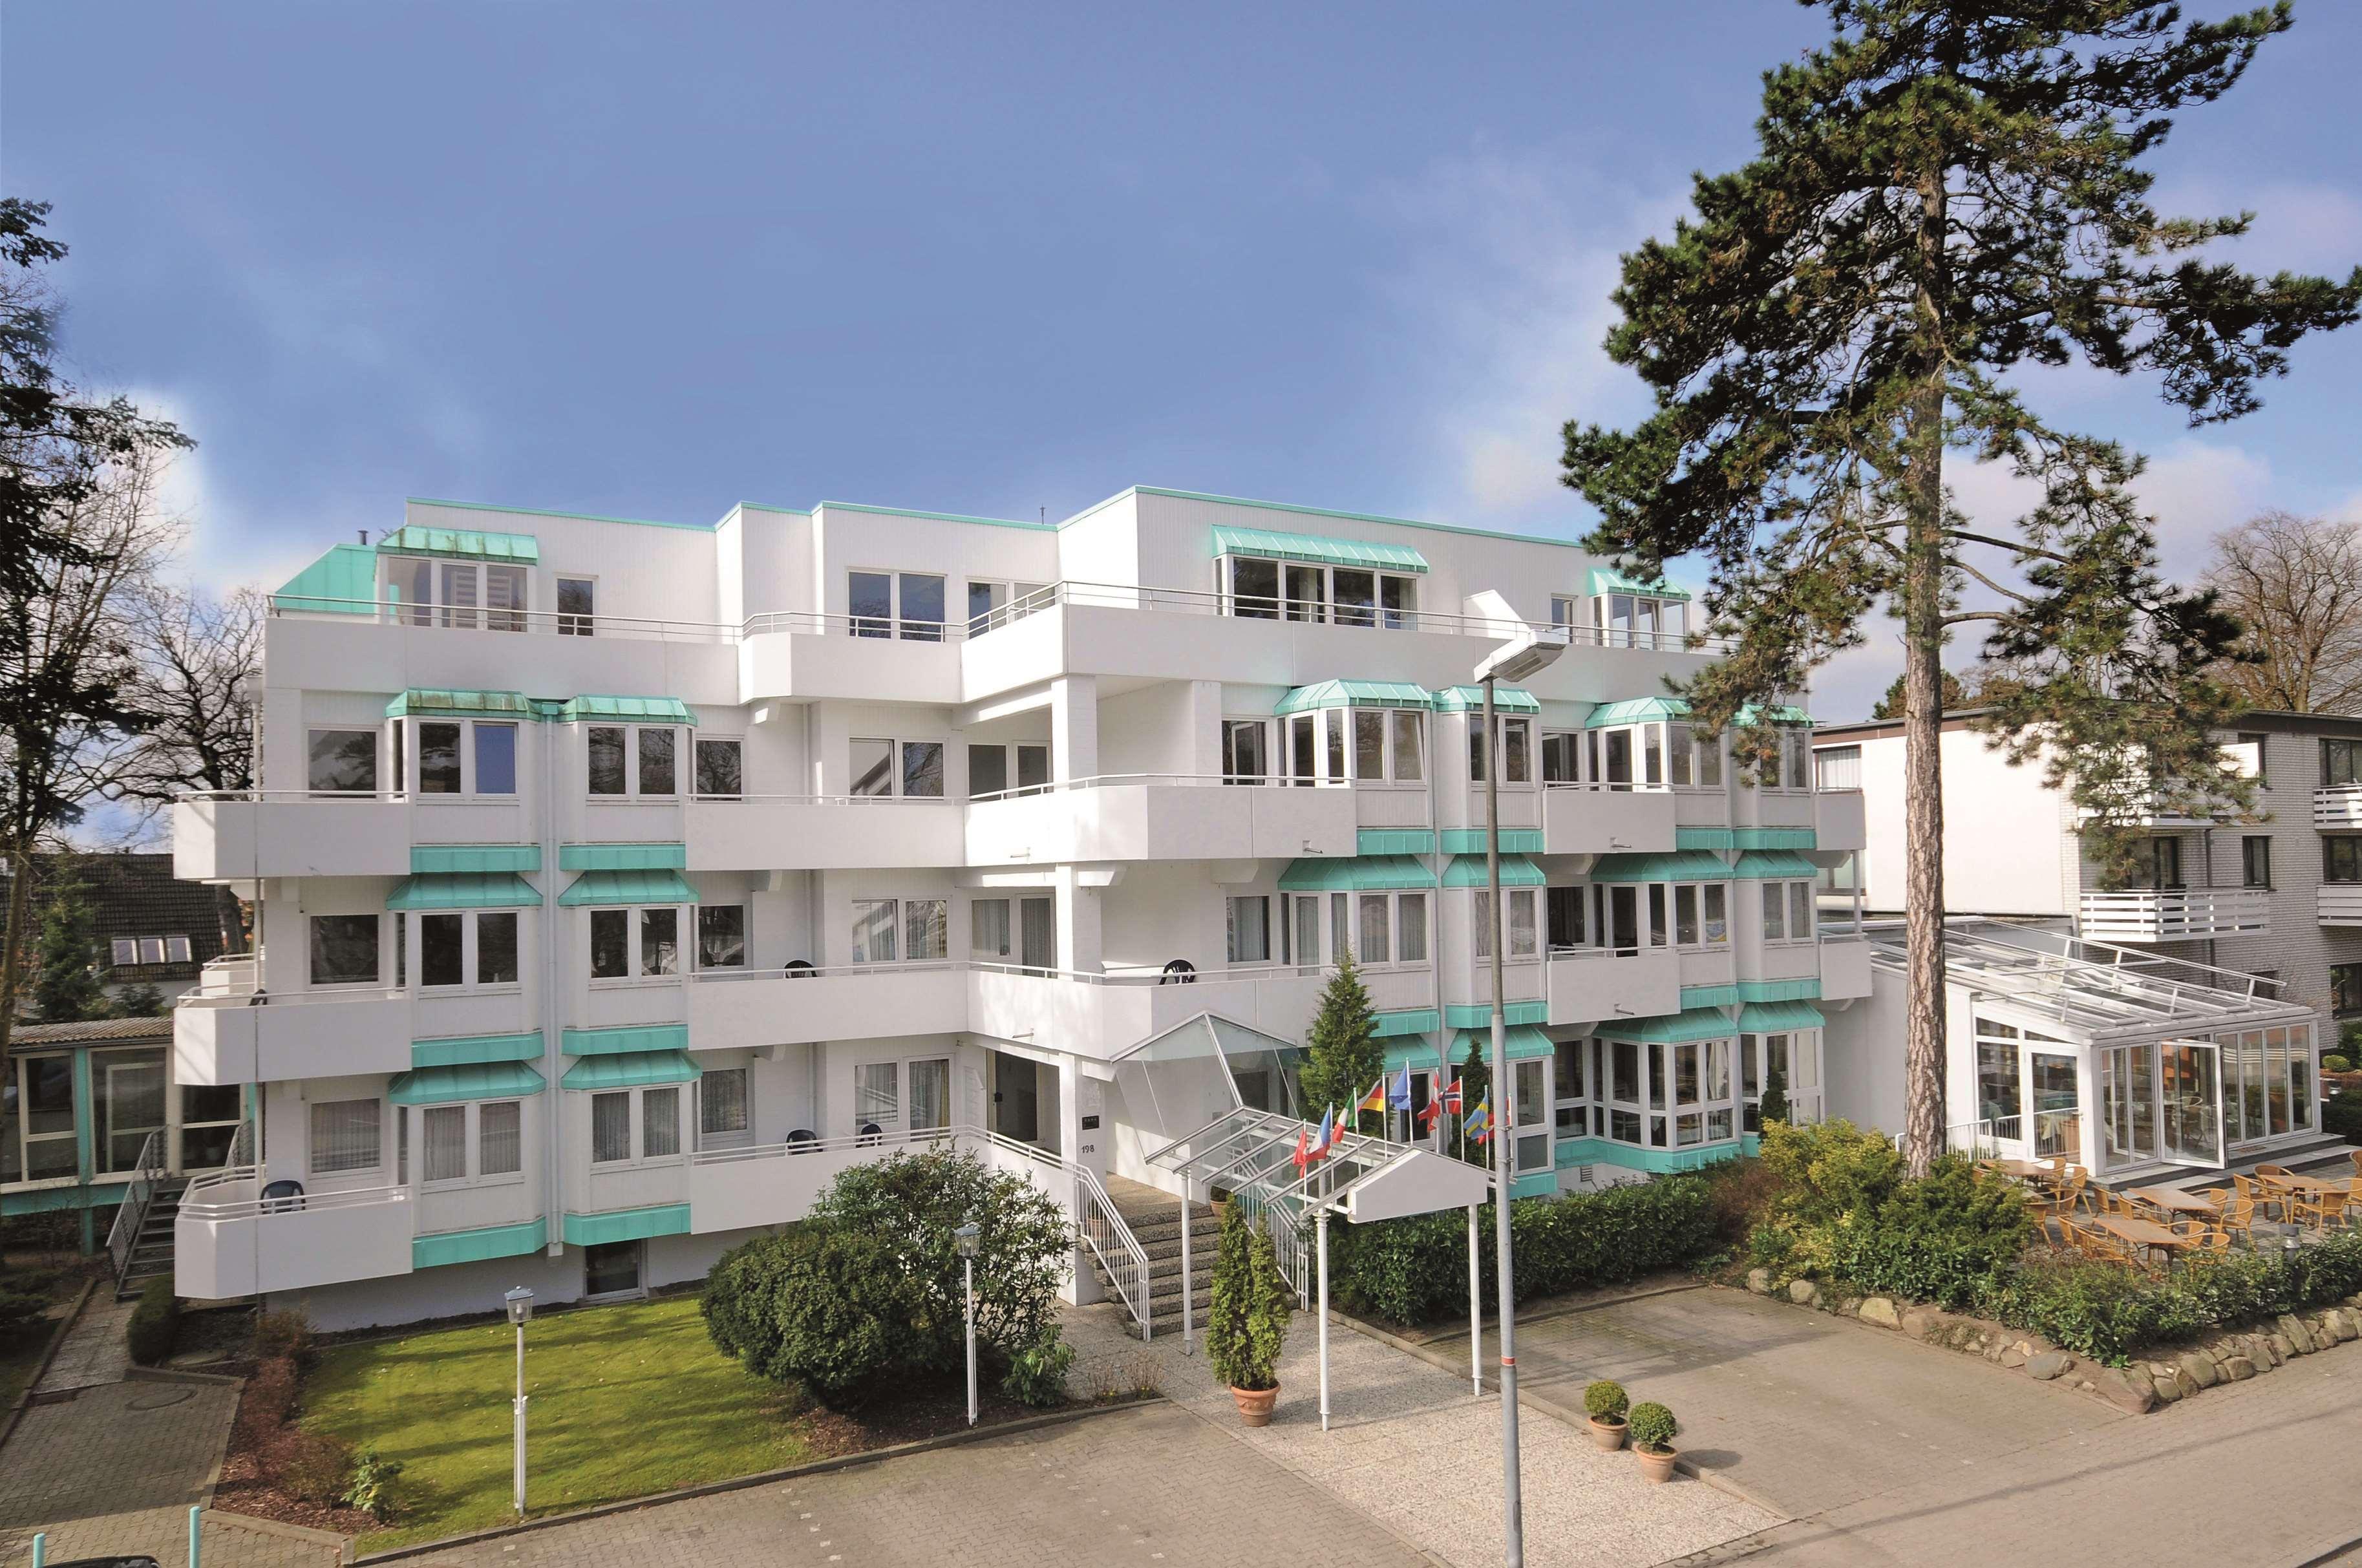 Best Western Hotel Timmendorfer Strand Timmendorfer Strand